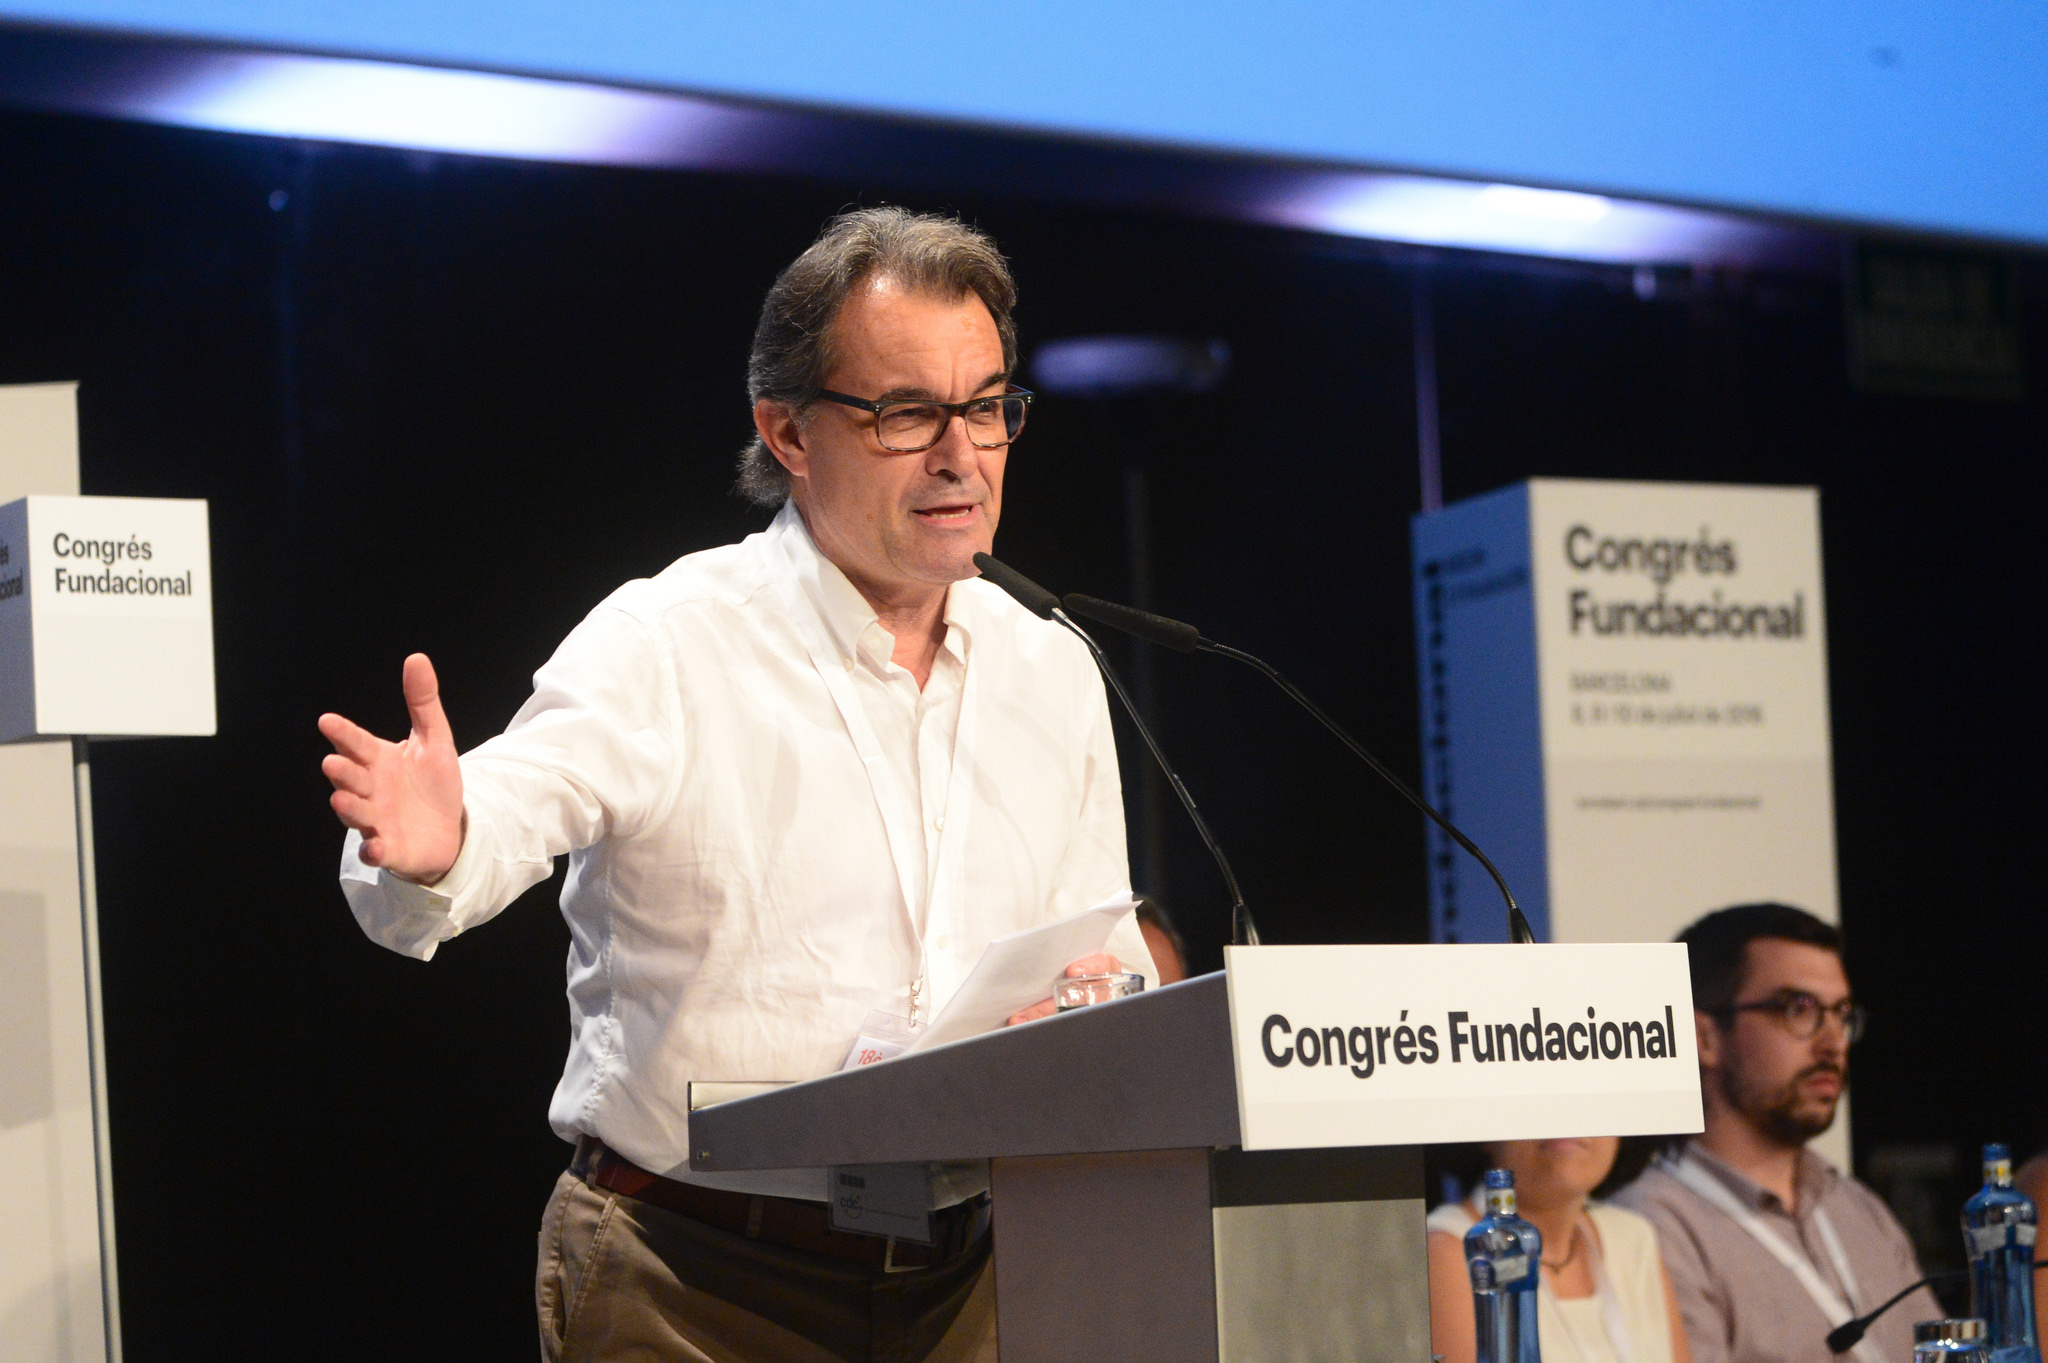 Artur Mas intervé al congrés fundacional del Partit Demòcrata Català.